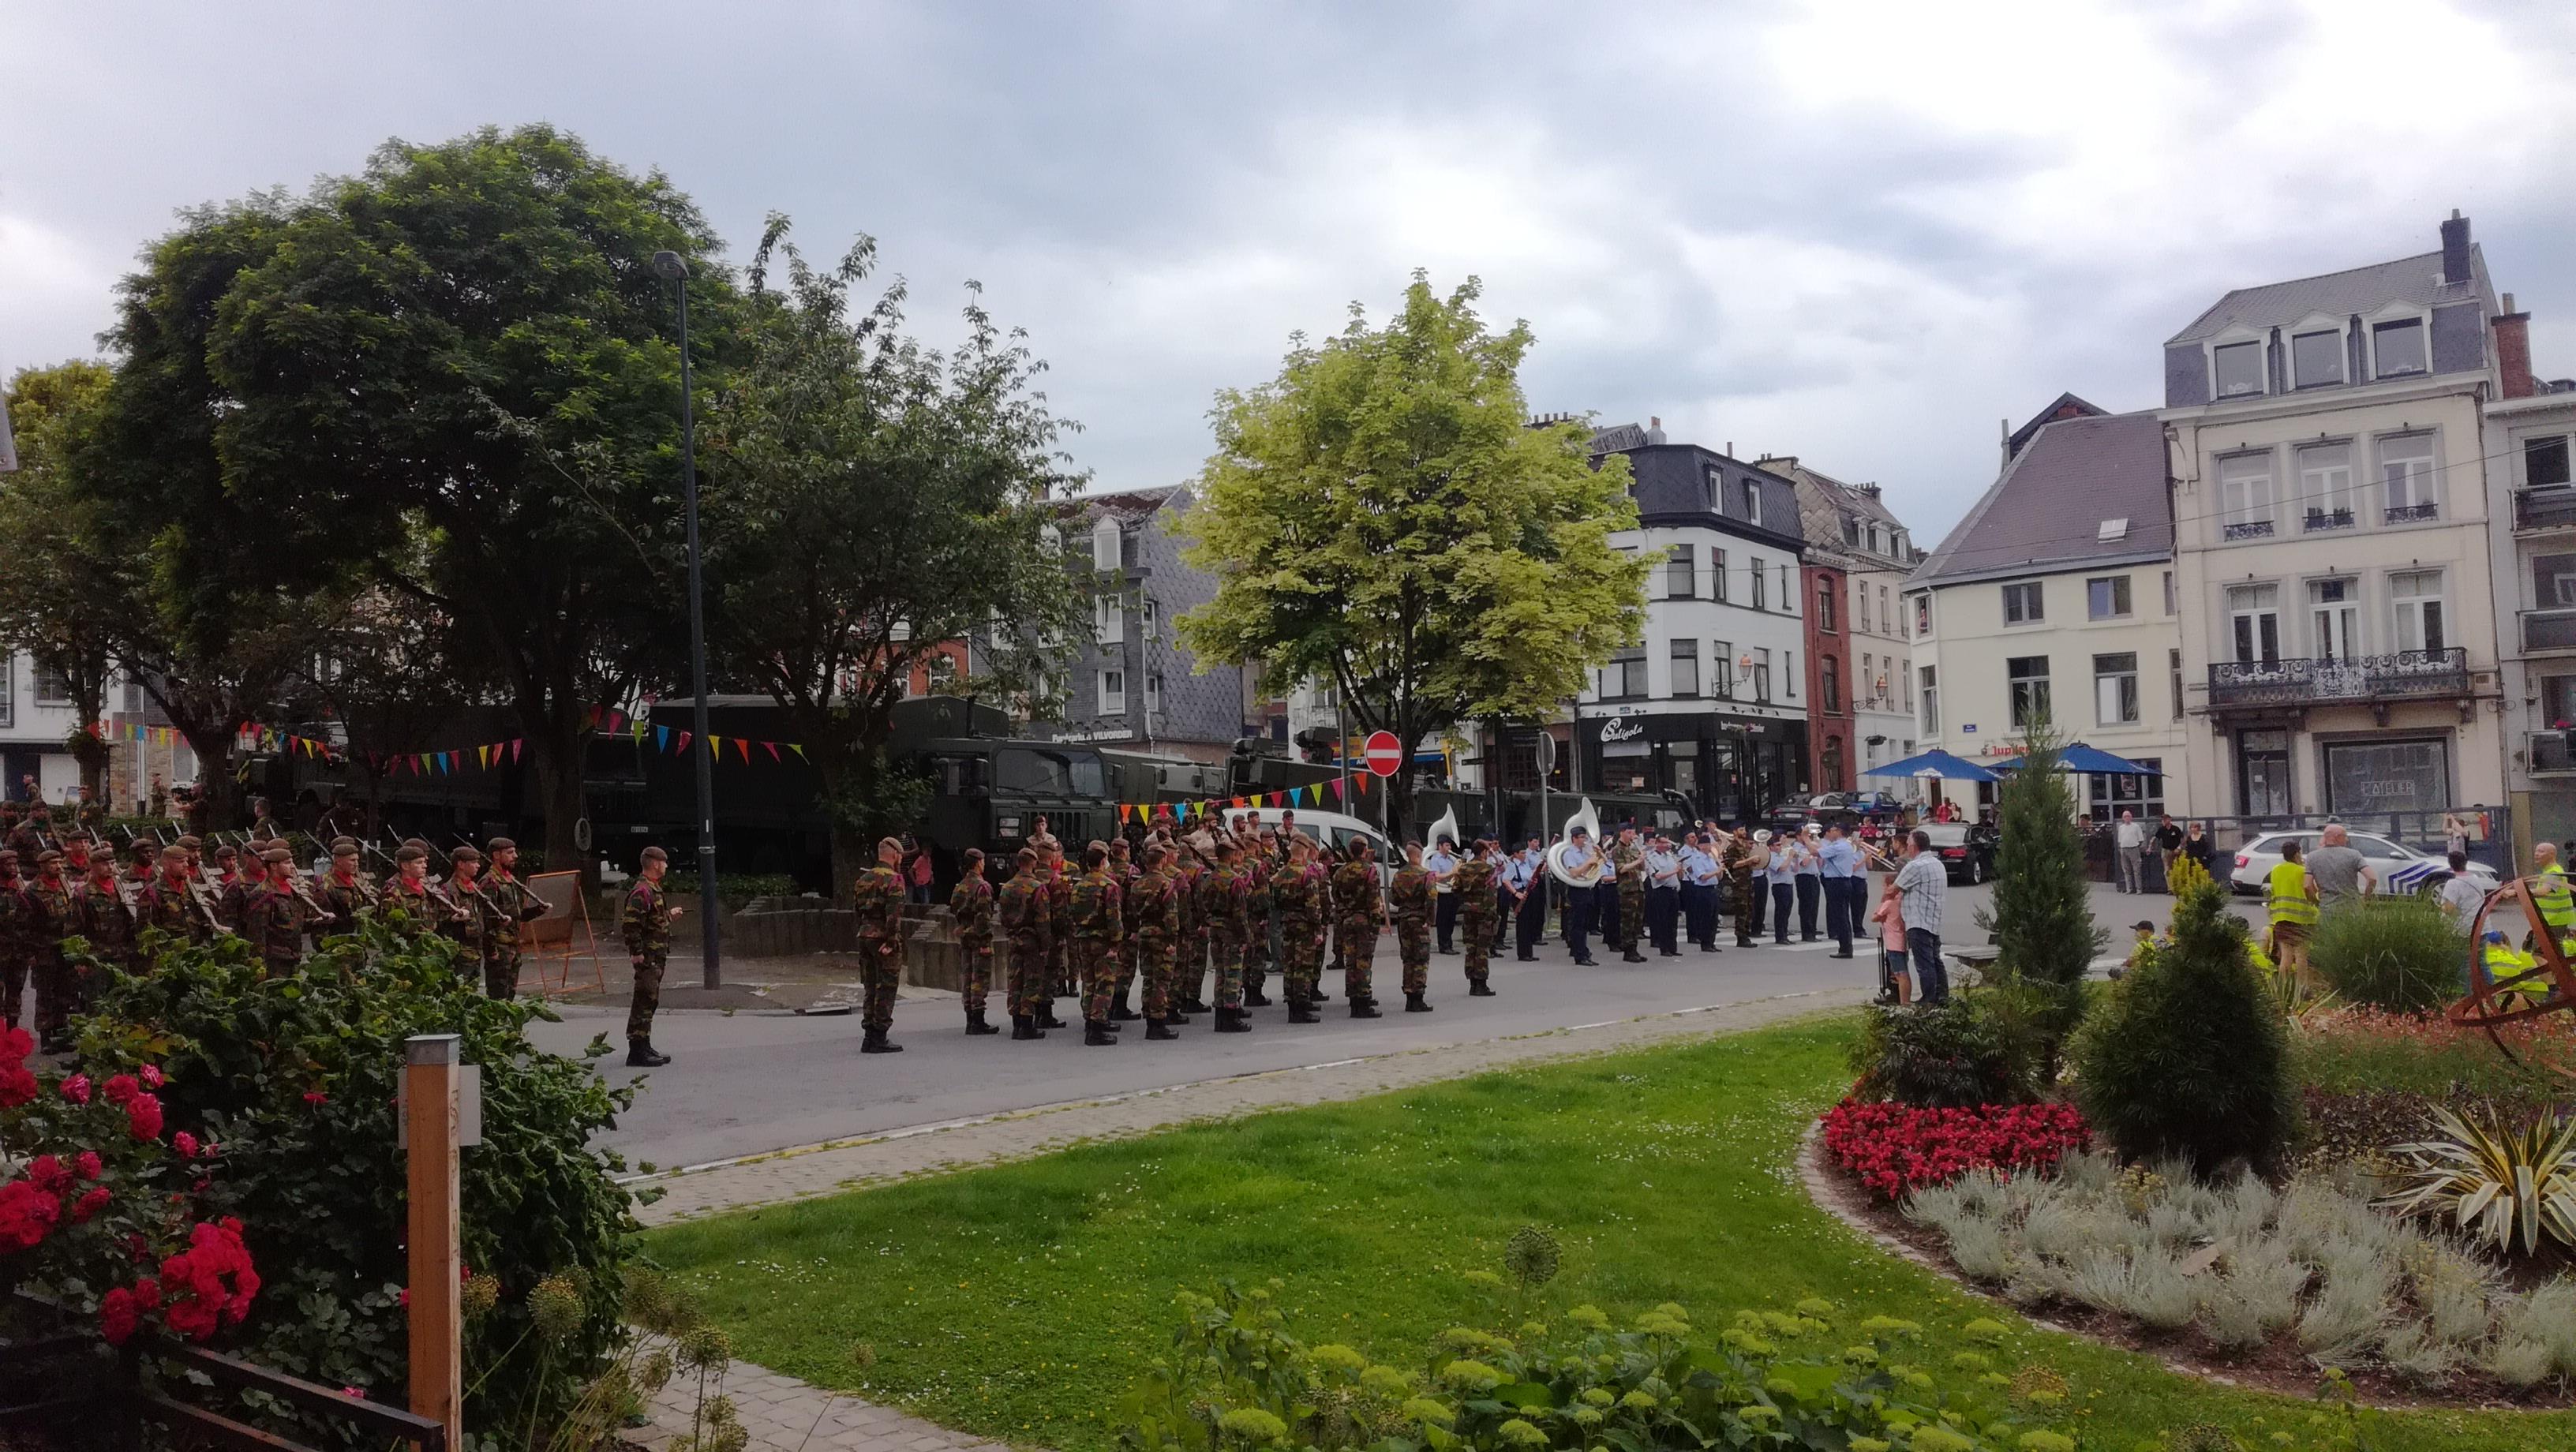 Défilé à l'occasion du 50e anniversaire Bataillon du 12e de Ligne à Spa - Place Salée à Spa, 19/06/2019